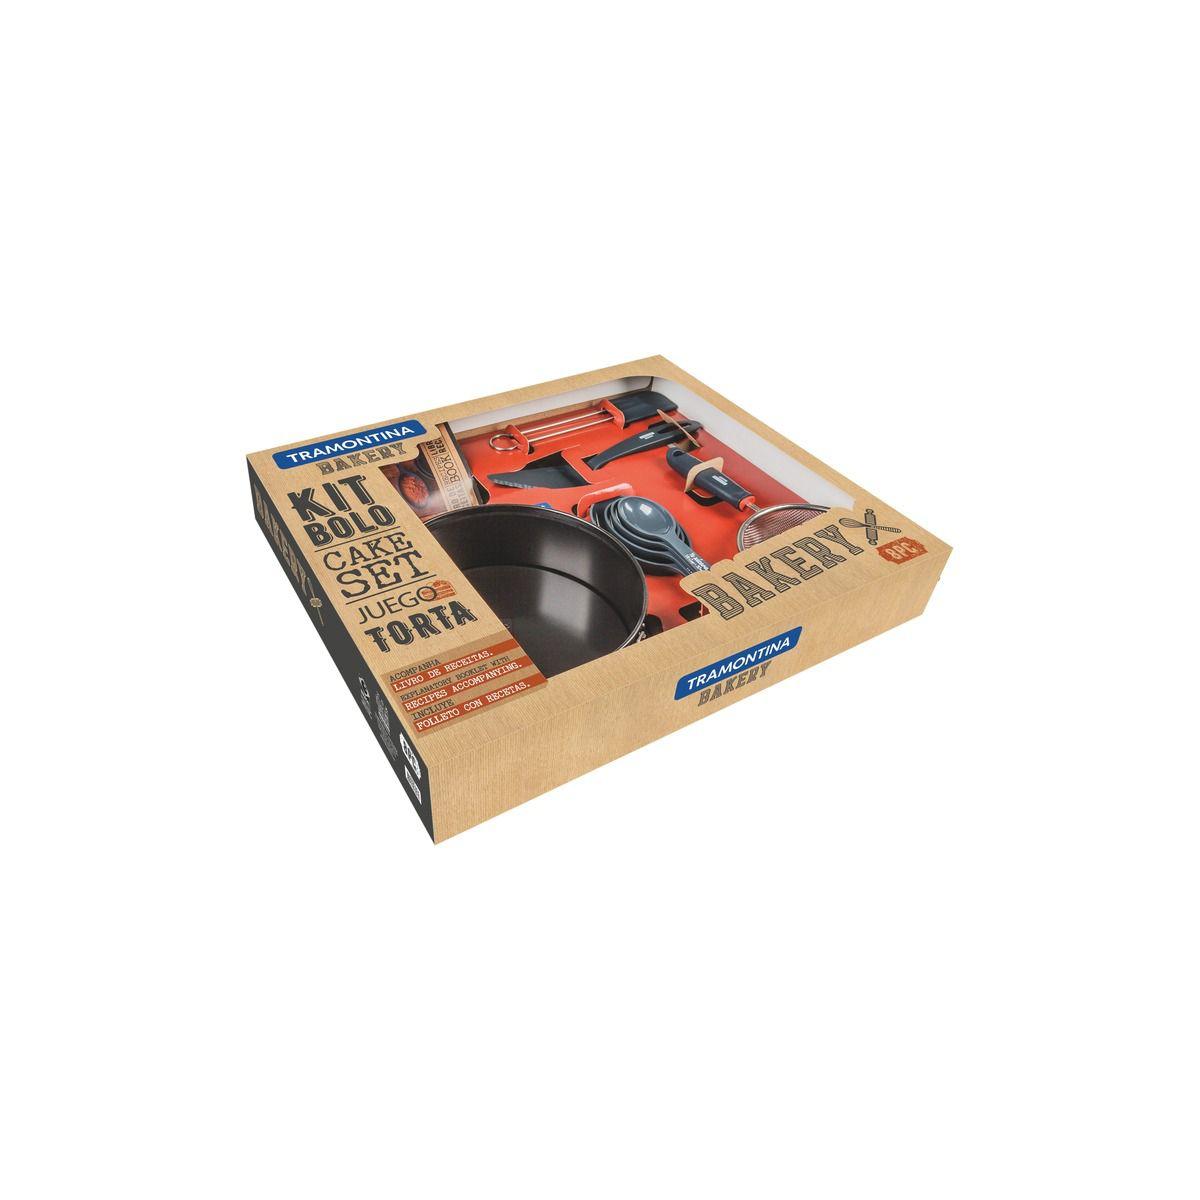 Kit para Bolo Tramontina em Aço Inox com Revestimento Interno Antiadaerente 8 Peças 29899/067 | Lojas Estrela